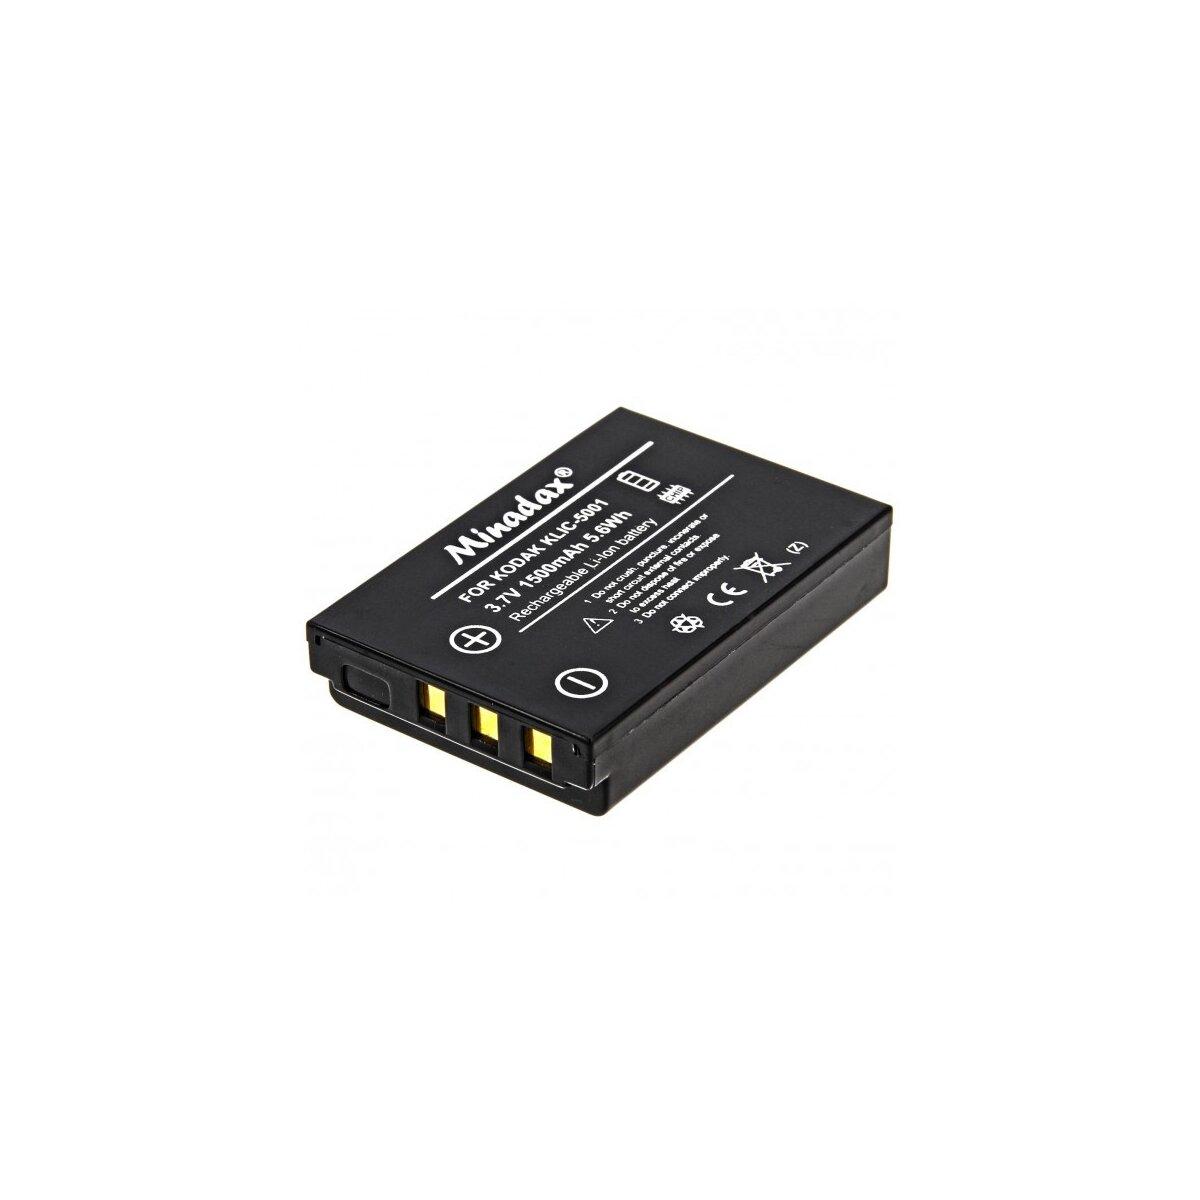 Minadax® Qualitaetsakku mit echten 1500 mAh fuer Kodak Easyshare DX6490 DX7440 DX7590 DX7630 P712 P850 P880 Z730 Z760 Z7590, wie KLIC-5001 - Intelligentes Akkusystem mit Chip